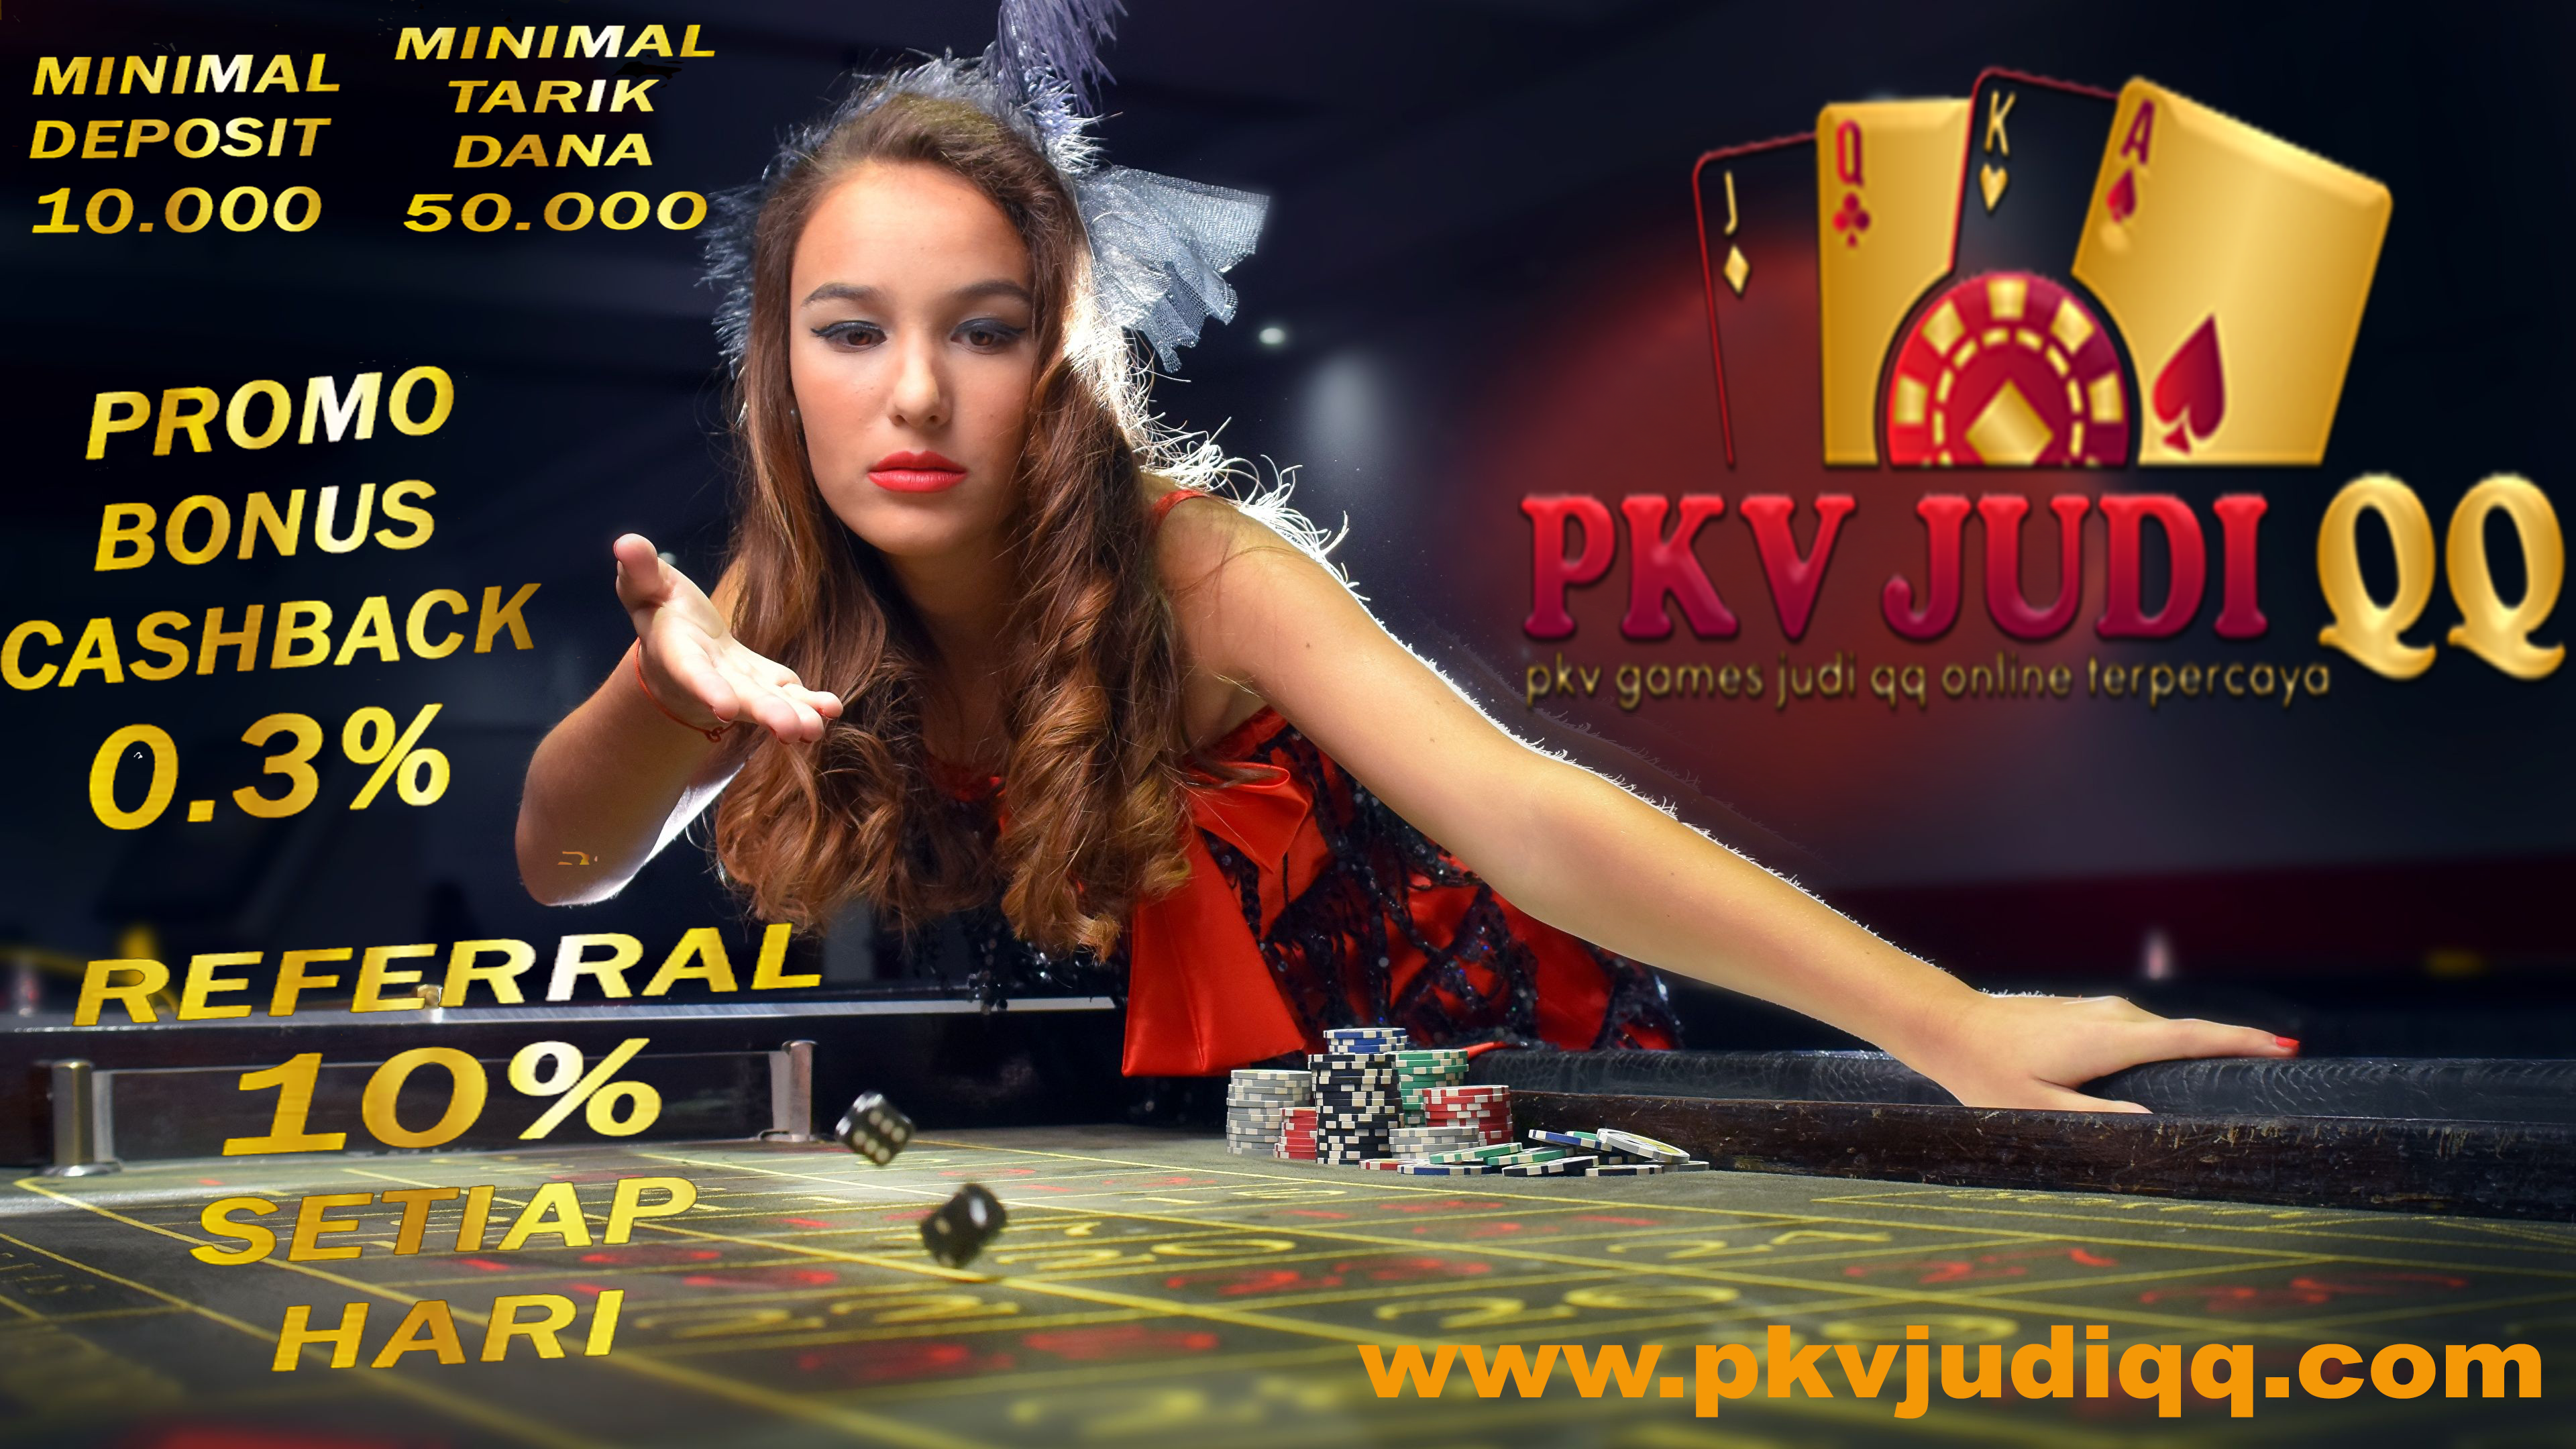 Judi Pkv Qq Deposit Pulsa Via Telkomsel By Pkv Judi Qq ...